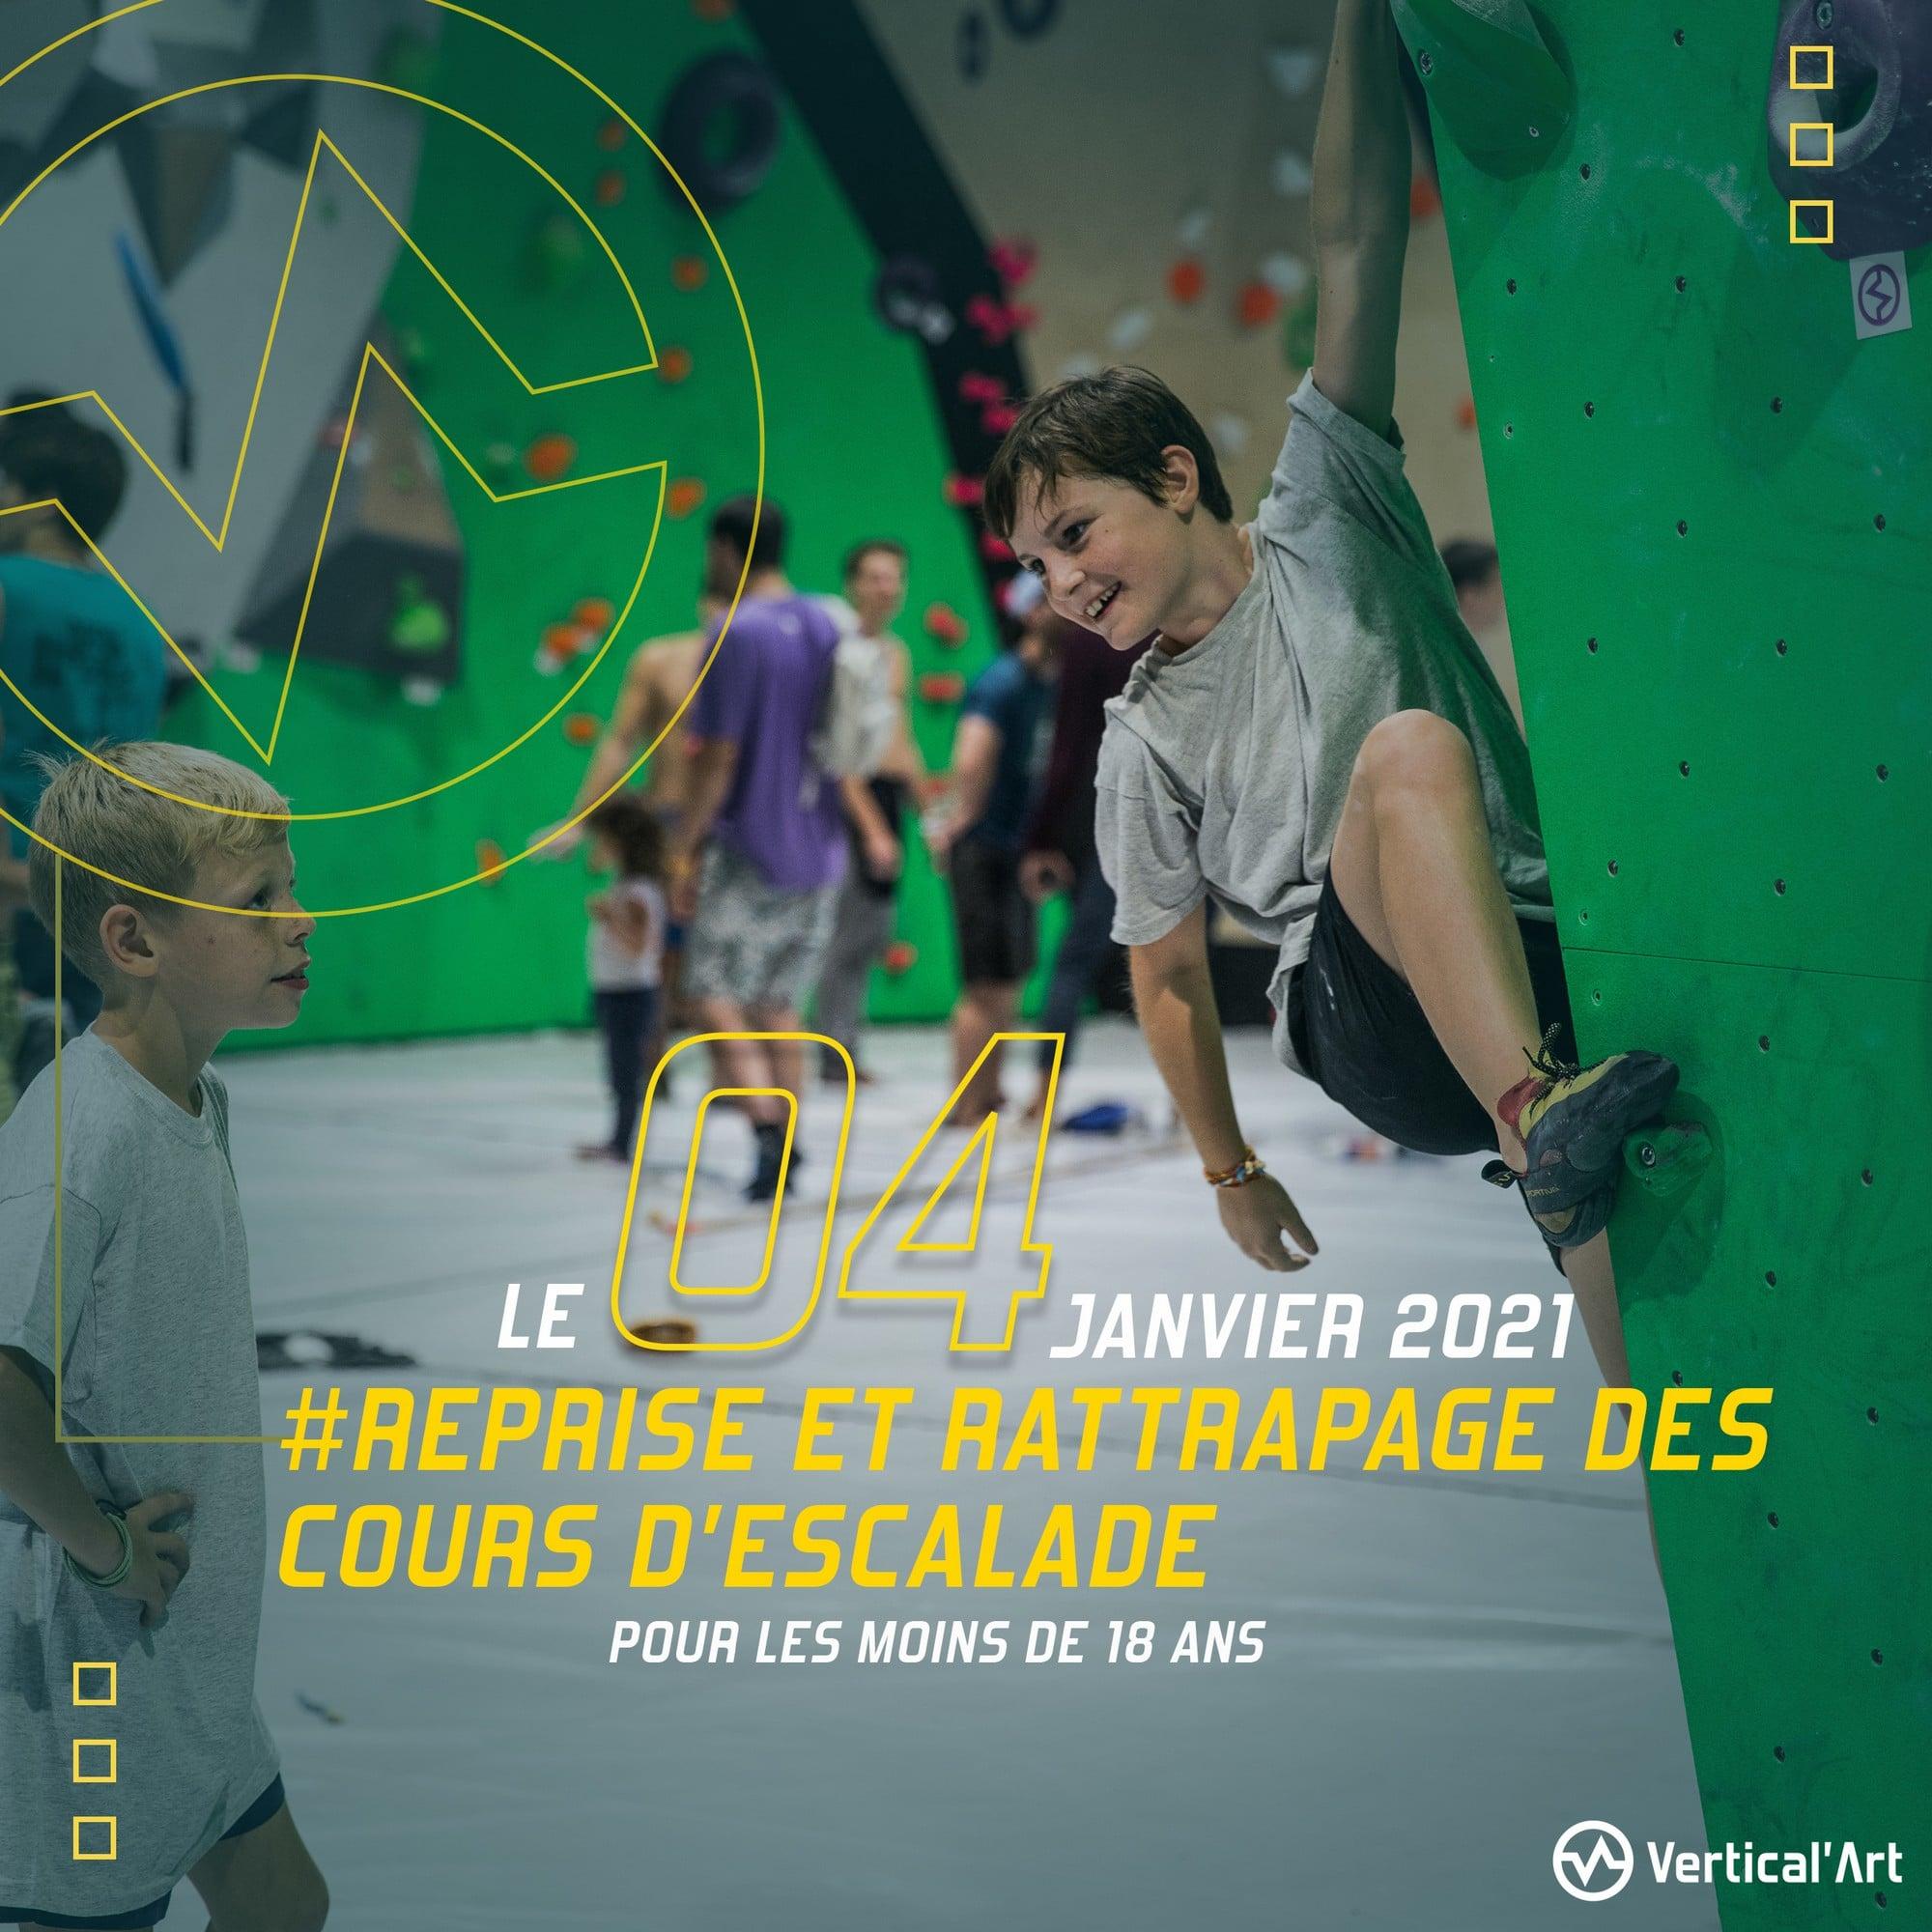 Reprise et rattrapage des cours d'escalade pour les mineurs le 4 janvier à Vertical'Art Saint-Quentin-en-Yvelines